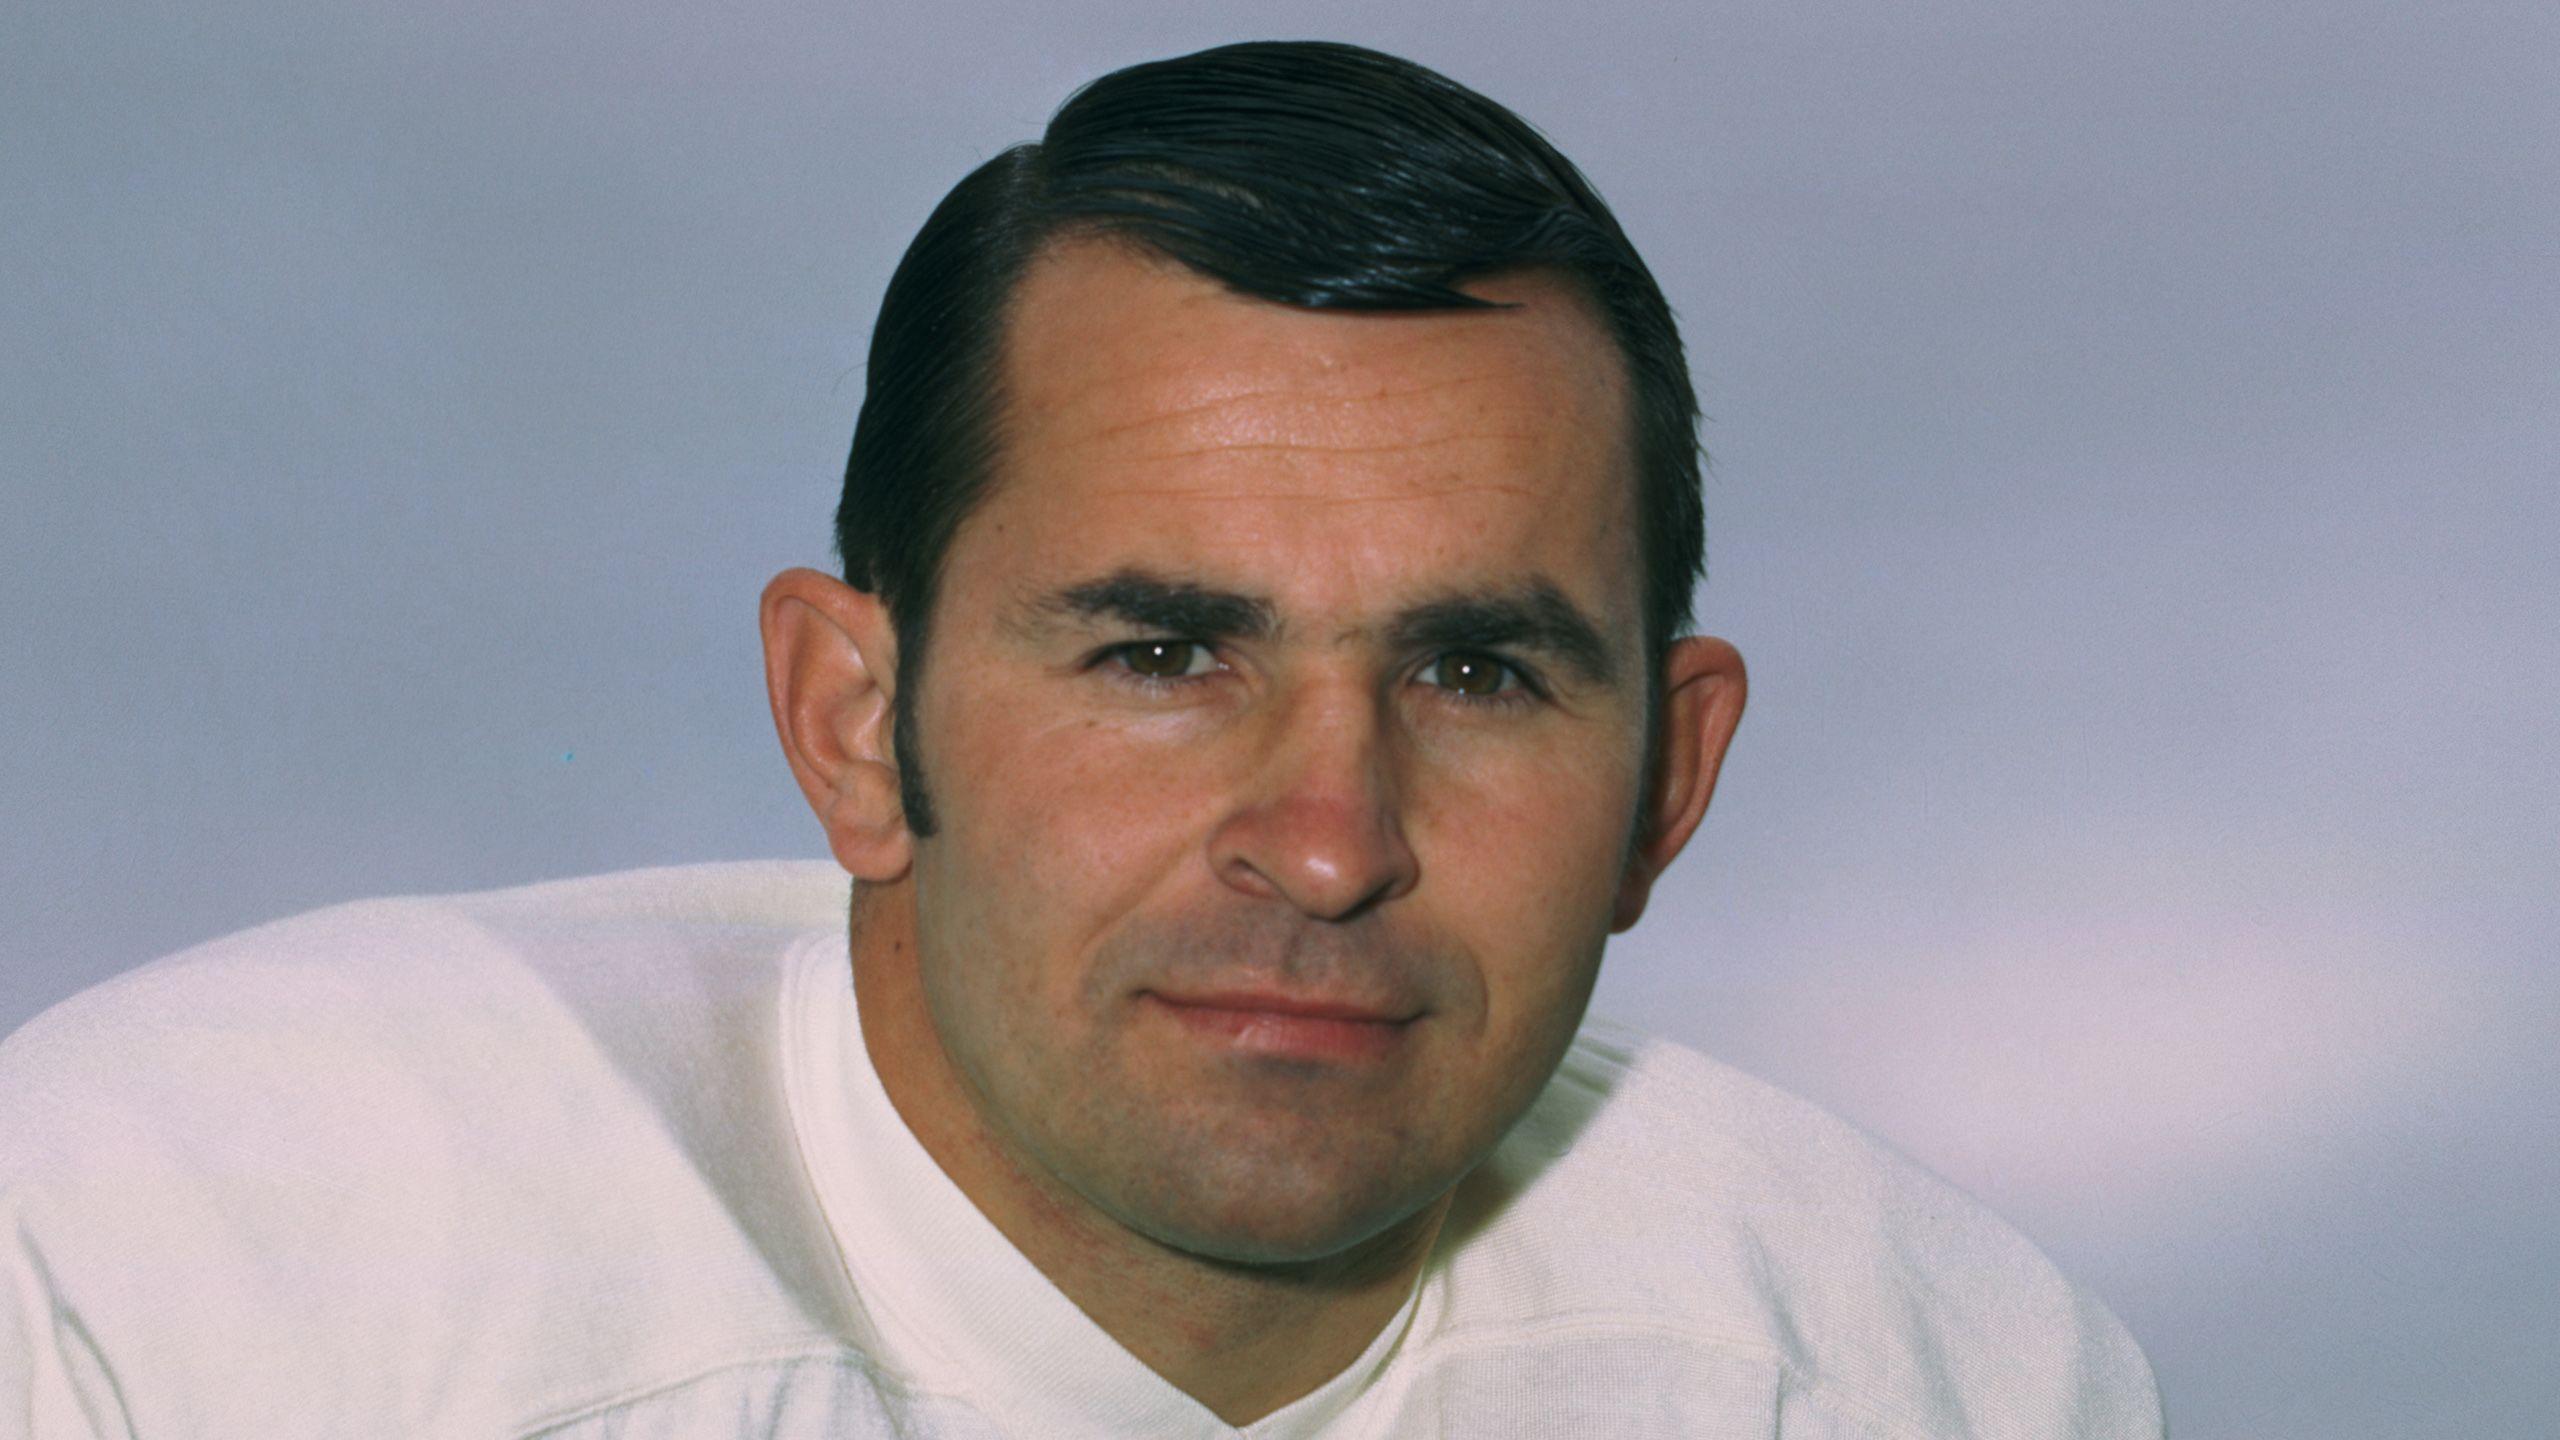 Mike Eischeid